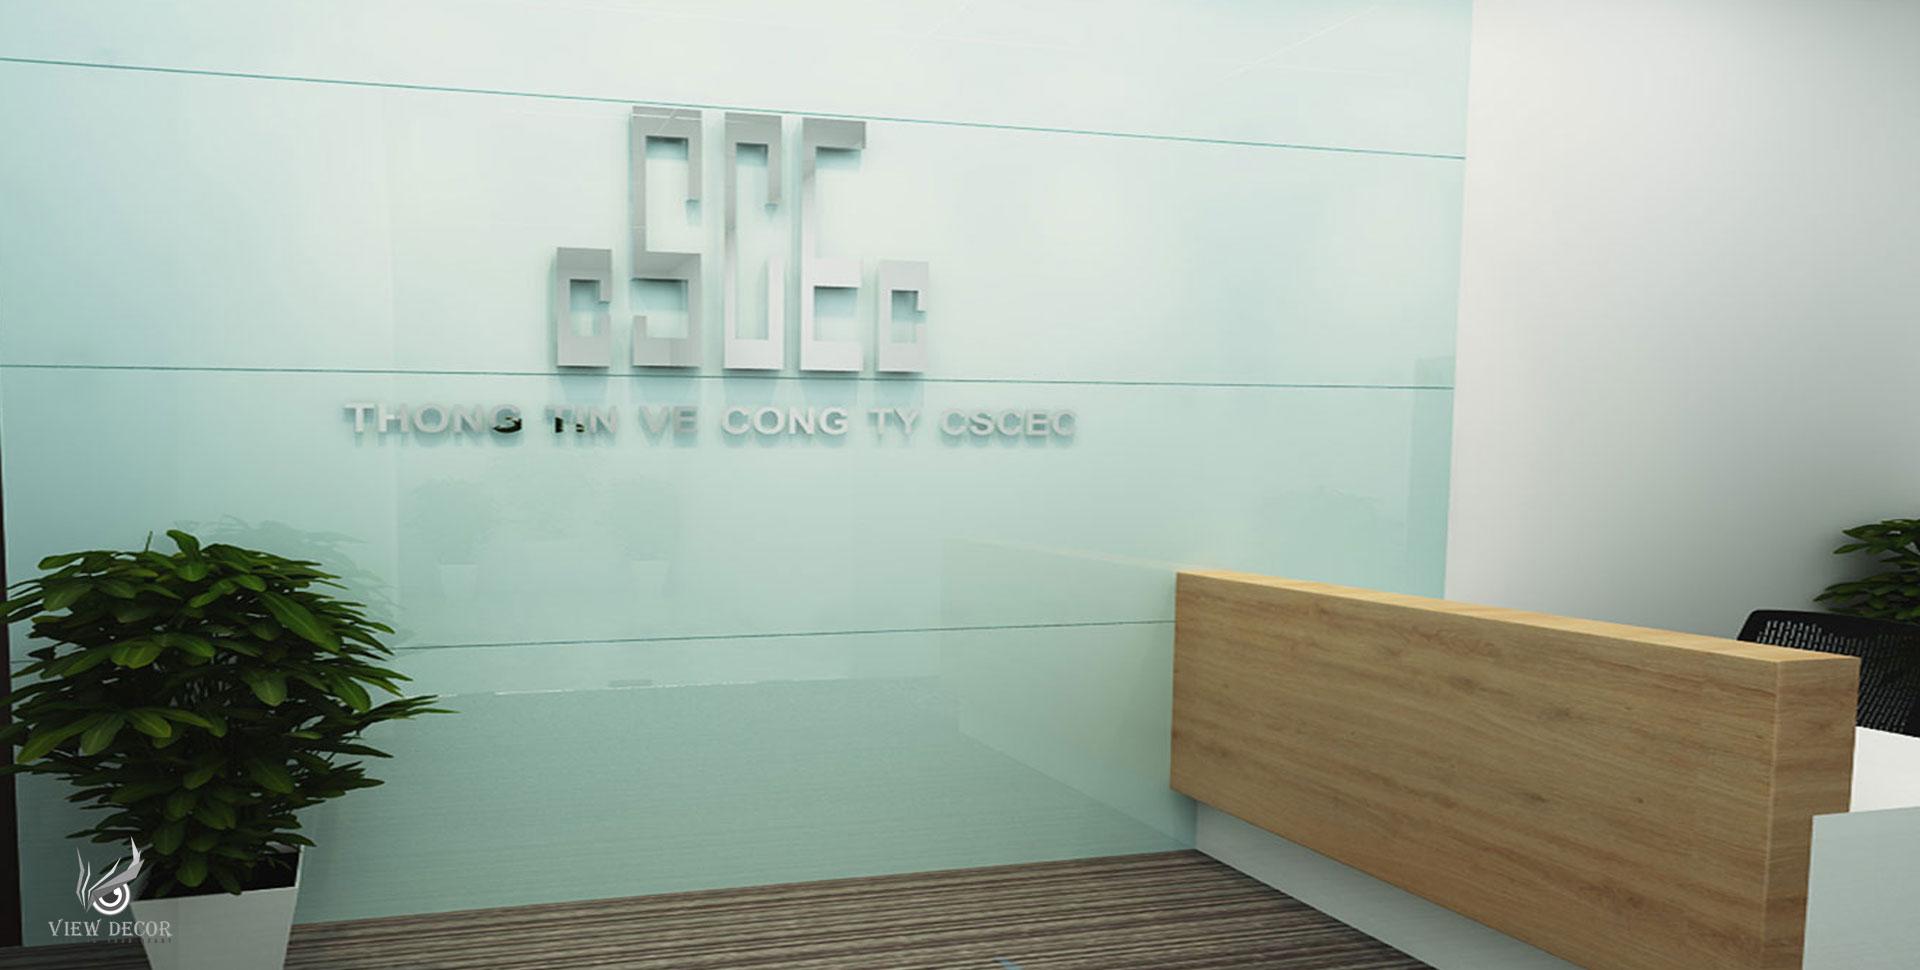 Thi Công Văn Phòng Công Ty Xây Dựng Trung Quốc - CSCEC